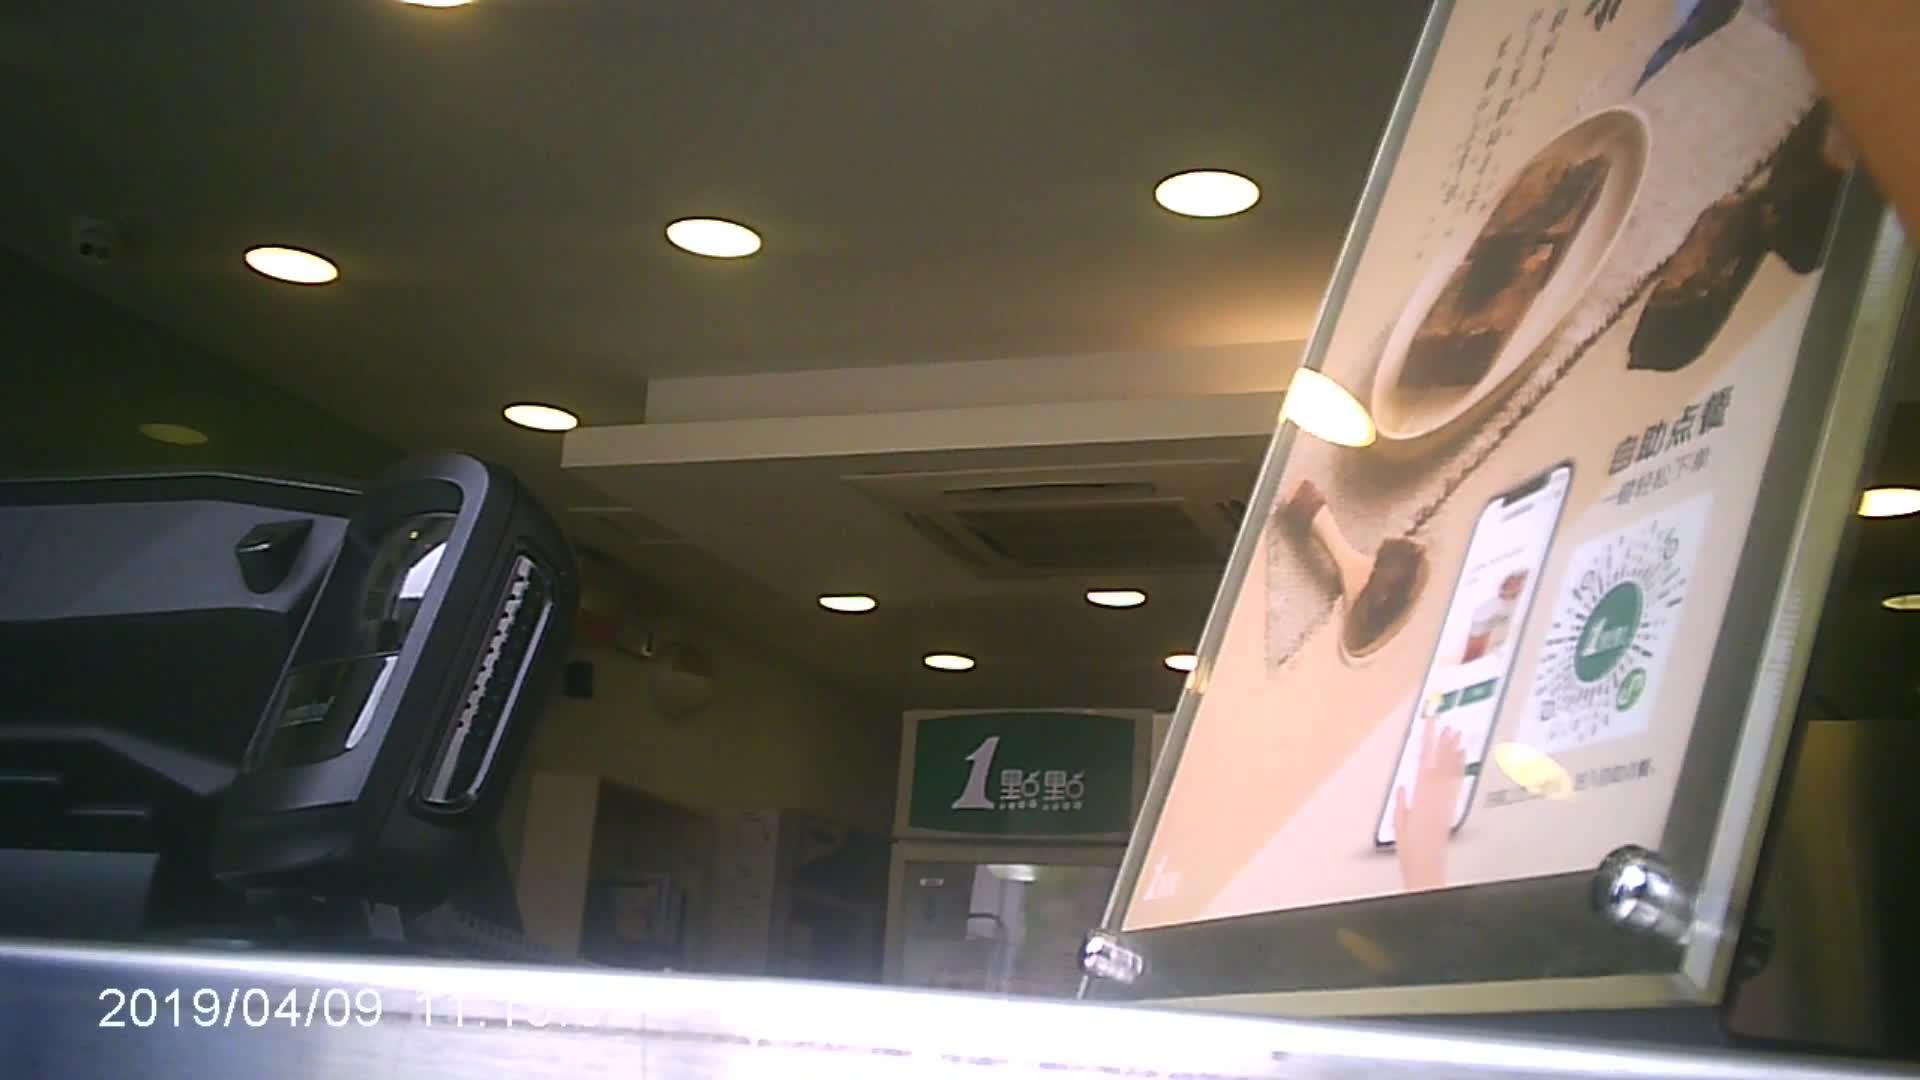 원래 미니 디지털 음성 레코더 16GB HD DVR 미니 숨겨진 비디오 레코더 펜 스파이 카메라 펜 보안 개인 안전